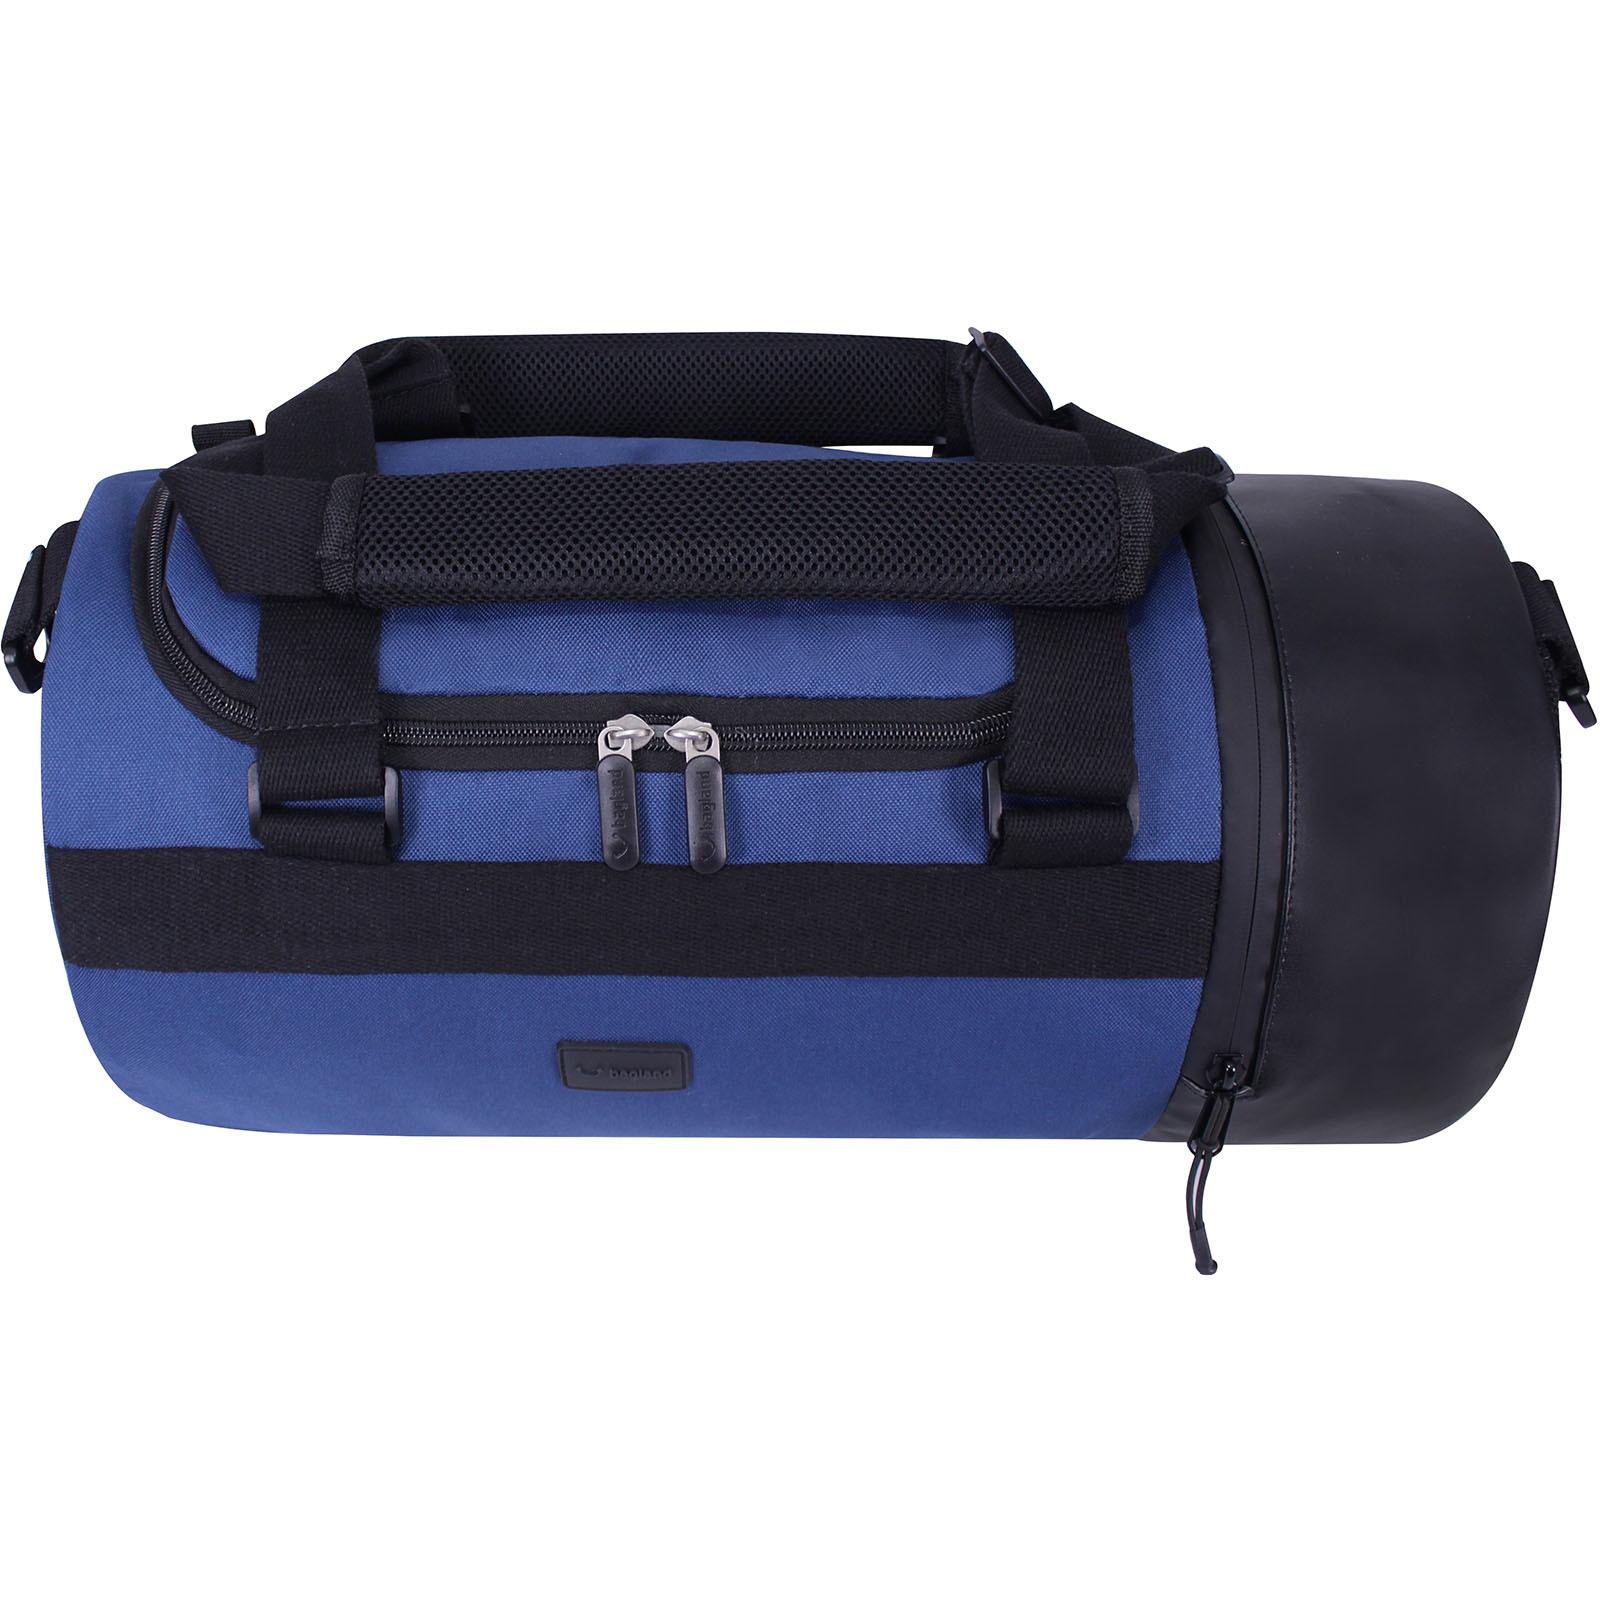 Сумка Bagland Klerk 22 л. Синий (0032766) фото 4